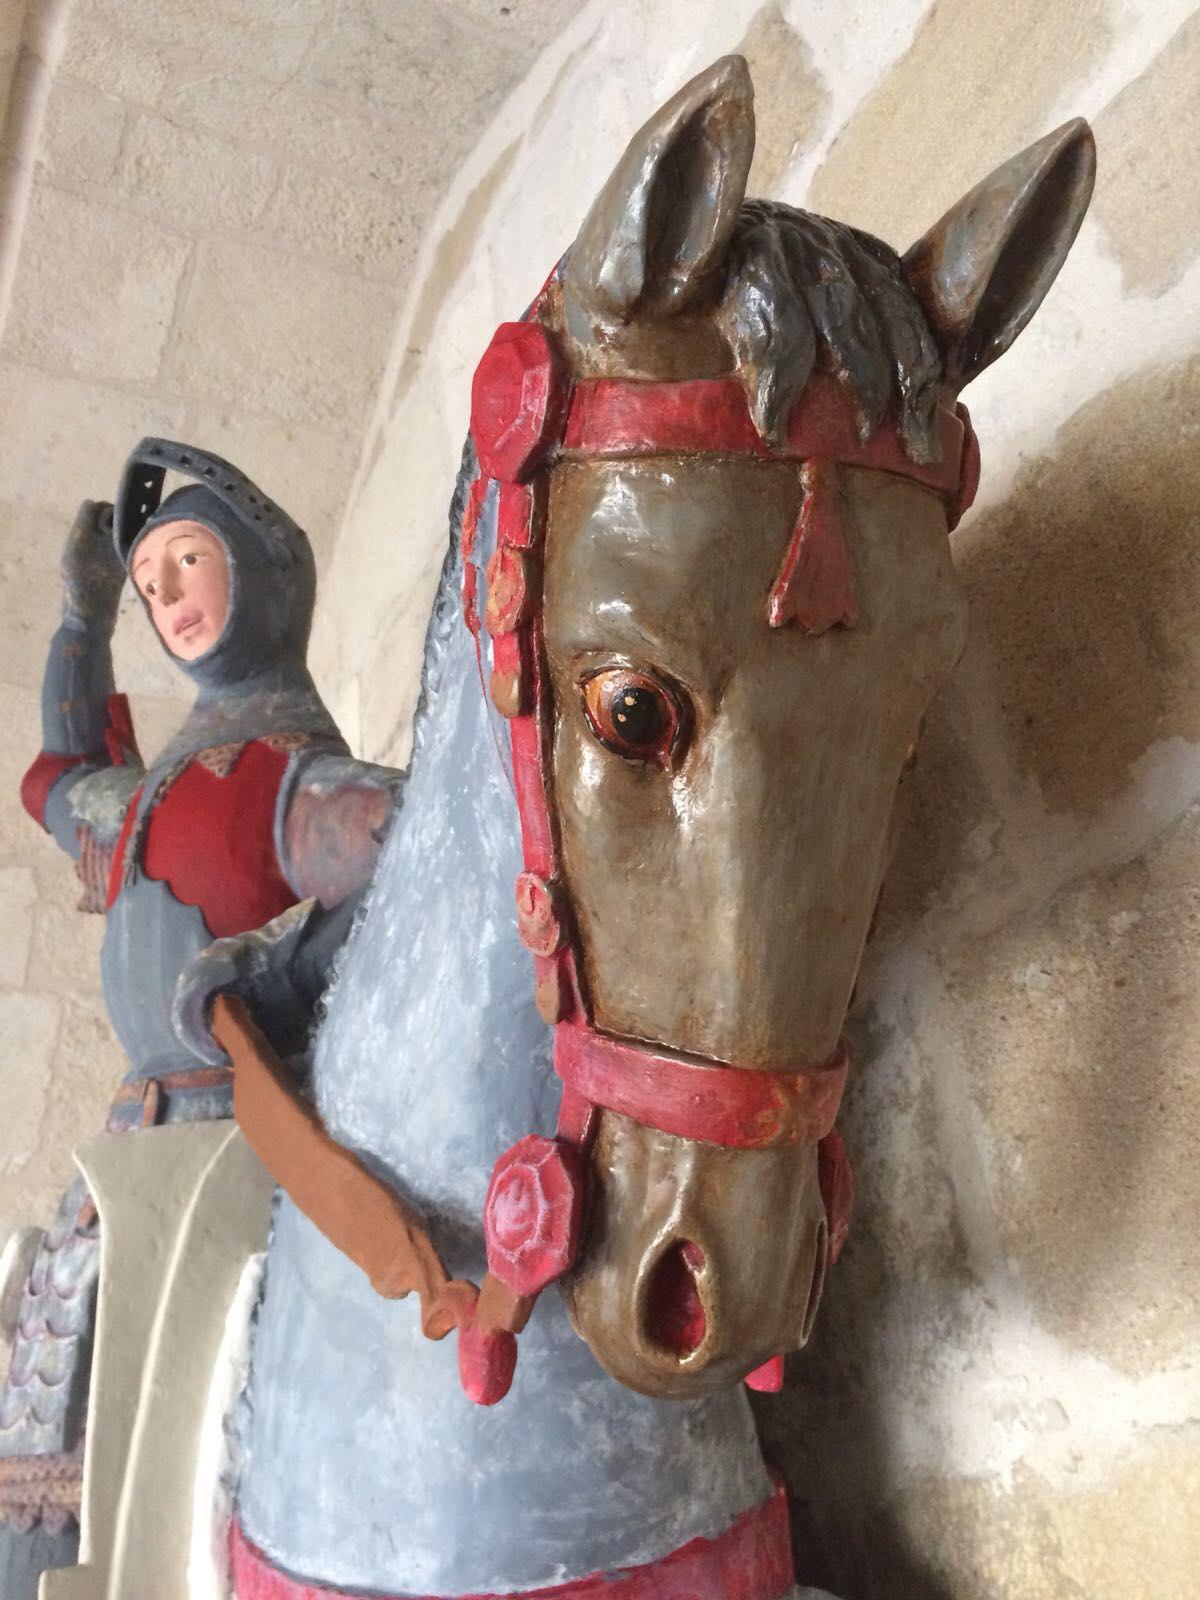 Restaurador espanhol deixa uma inestimável escultura de 500 anos com cara de boneco